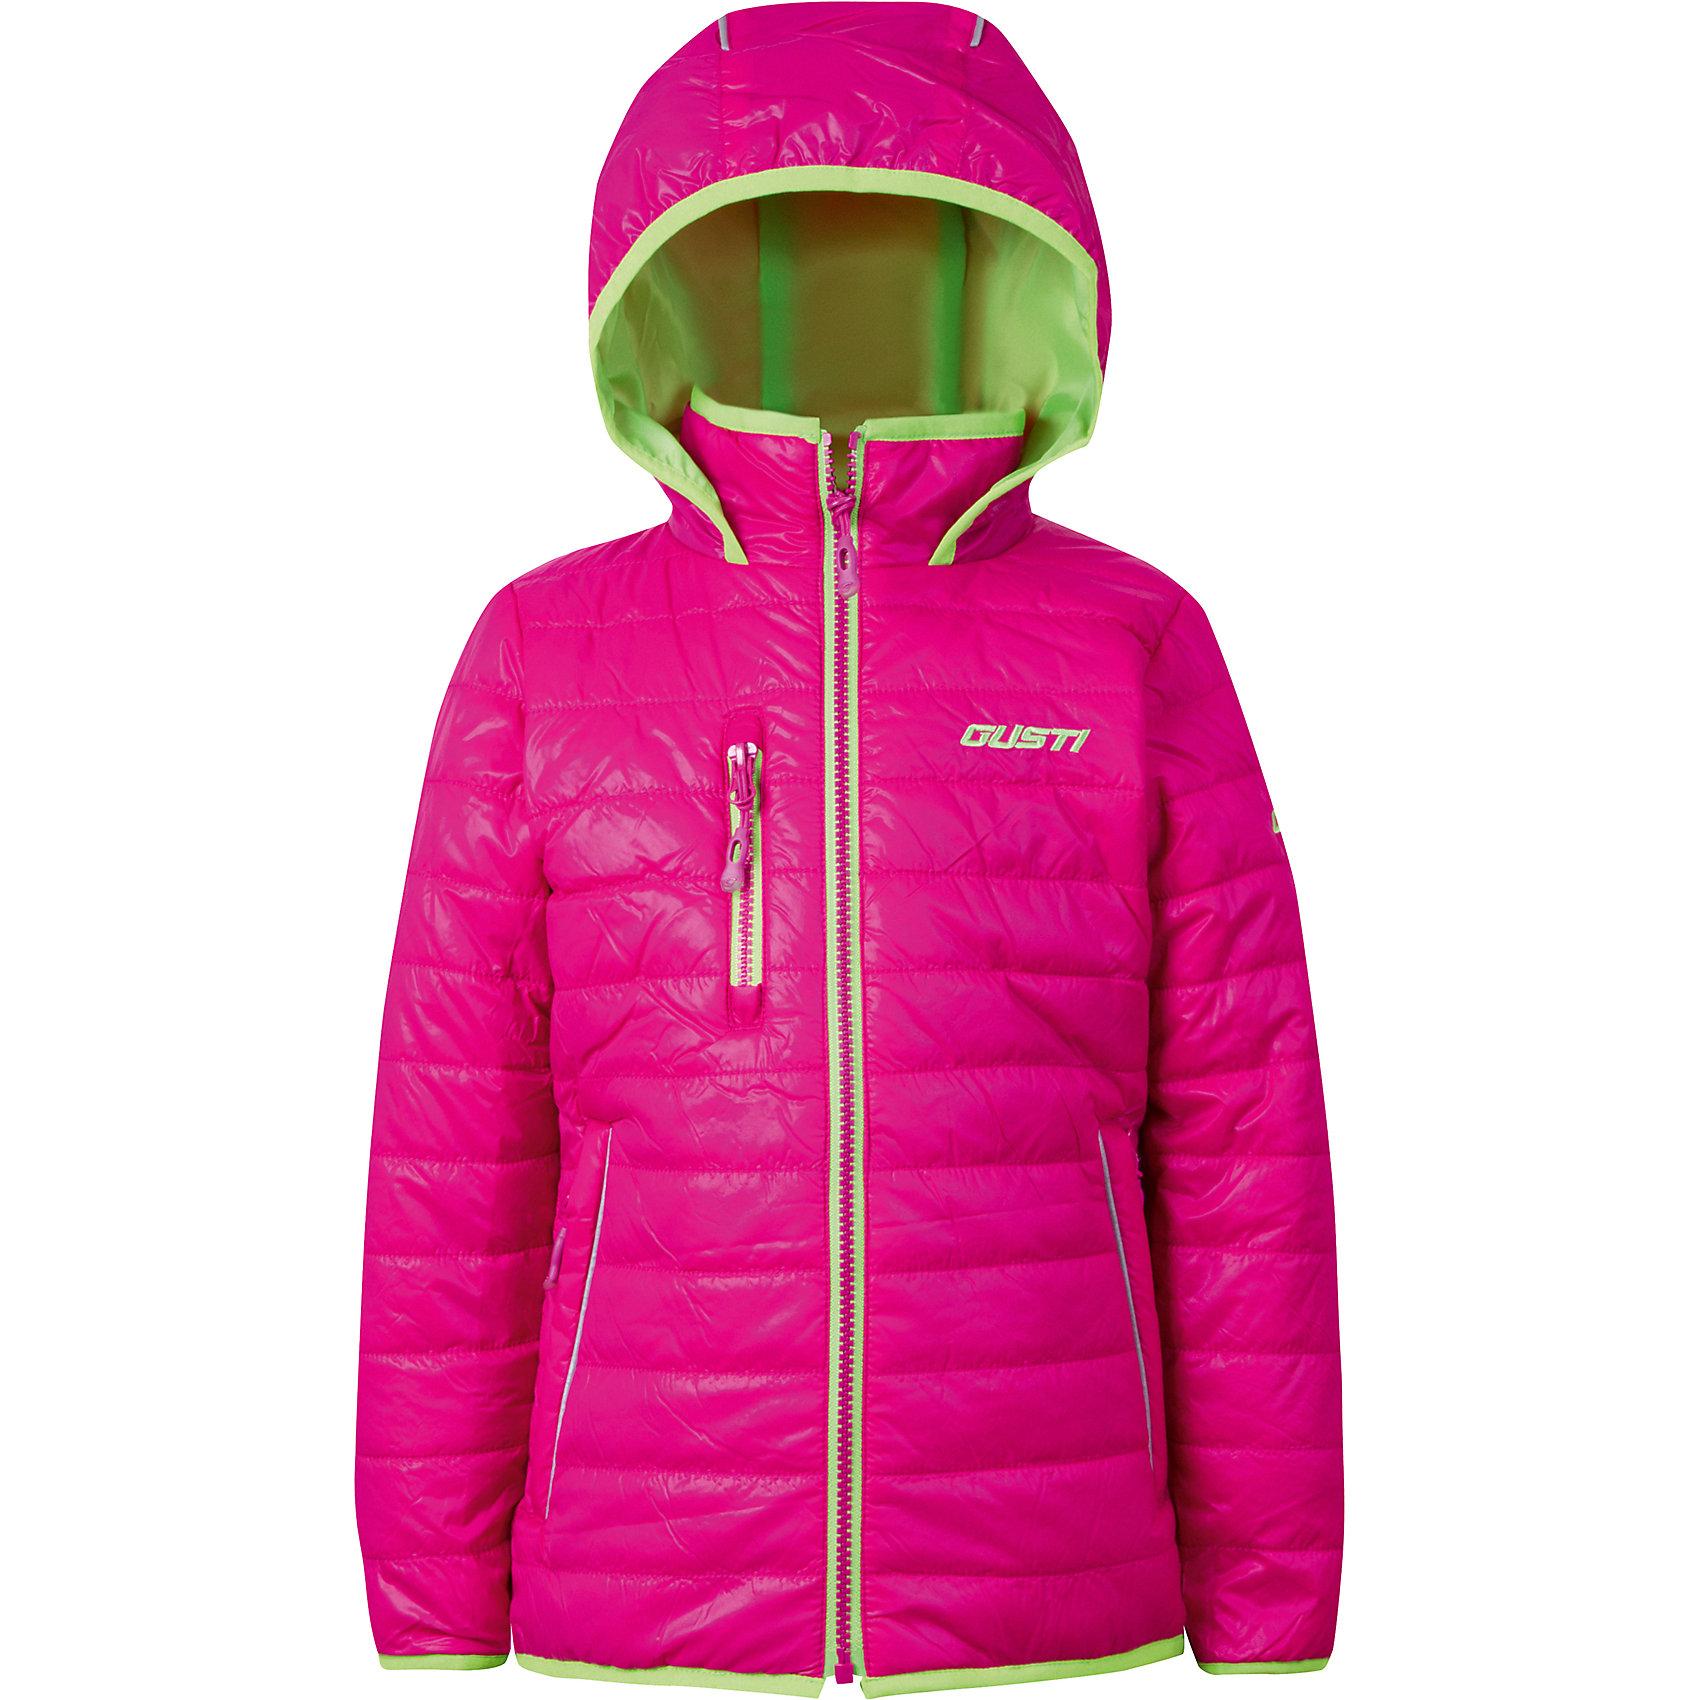 Куртка для девочки GustiВерхняя одежда<br>Характеристики товара:<br><br>• цвет: розовый<br>• состав: 100% полиэстер, полиуретановое покрытие, подкладка - 100% полиэстер<br>• наполнитель: 100 гр teck polifill<br>• температурный режим: от +5° С до +15° С<br>• водонепроницаемый материал<br>• капюшон<br>• карманы<br>• водонепроницаемость: 2000 мм<br>• паропроницаемость: 2000 г/м2<br>• комфортная посадка<br>• светоотражающие элементы<br>• молния<br>• подкладка: таффета<br>• демисезонная<br>• страна бренда: Канада<br><br>Эта демисезонная куртка с мембранной технологией поможет обеспечить ребенку комфорт и тепло. Изделие удобно садится по фигуре, отлично смотрится с различным низом и обувью. Куртка модно выглядит, она хорошо защищает от ветра и влаги. Материал отлично подходит для дождливой погоды. Стильный дизайн разрабатывался специально для детей.<br><br>Куртку для девочки от известного бренда Gusti (Густи) можно купить в нашем интернет-магазине.<br><br>Ширина мм: 356<br>Глубина мм: 10<br>Высота мм: 245<br>Вес г: 519<br>Цвет: лиловый<br>Возраст от месяцев: 18<br>Возраст до месяцев: 24<br>Пол: Женский<br>Возраст: Детский<br>Размер: 92,152,98,100,104,110,116,120,122,128,140<br>SKU: 5452526